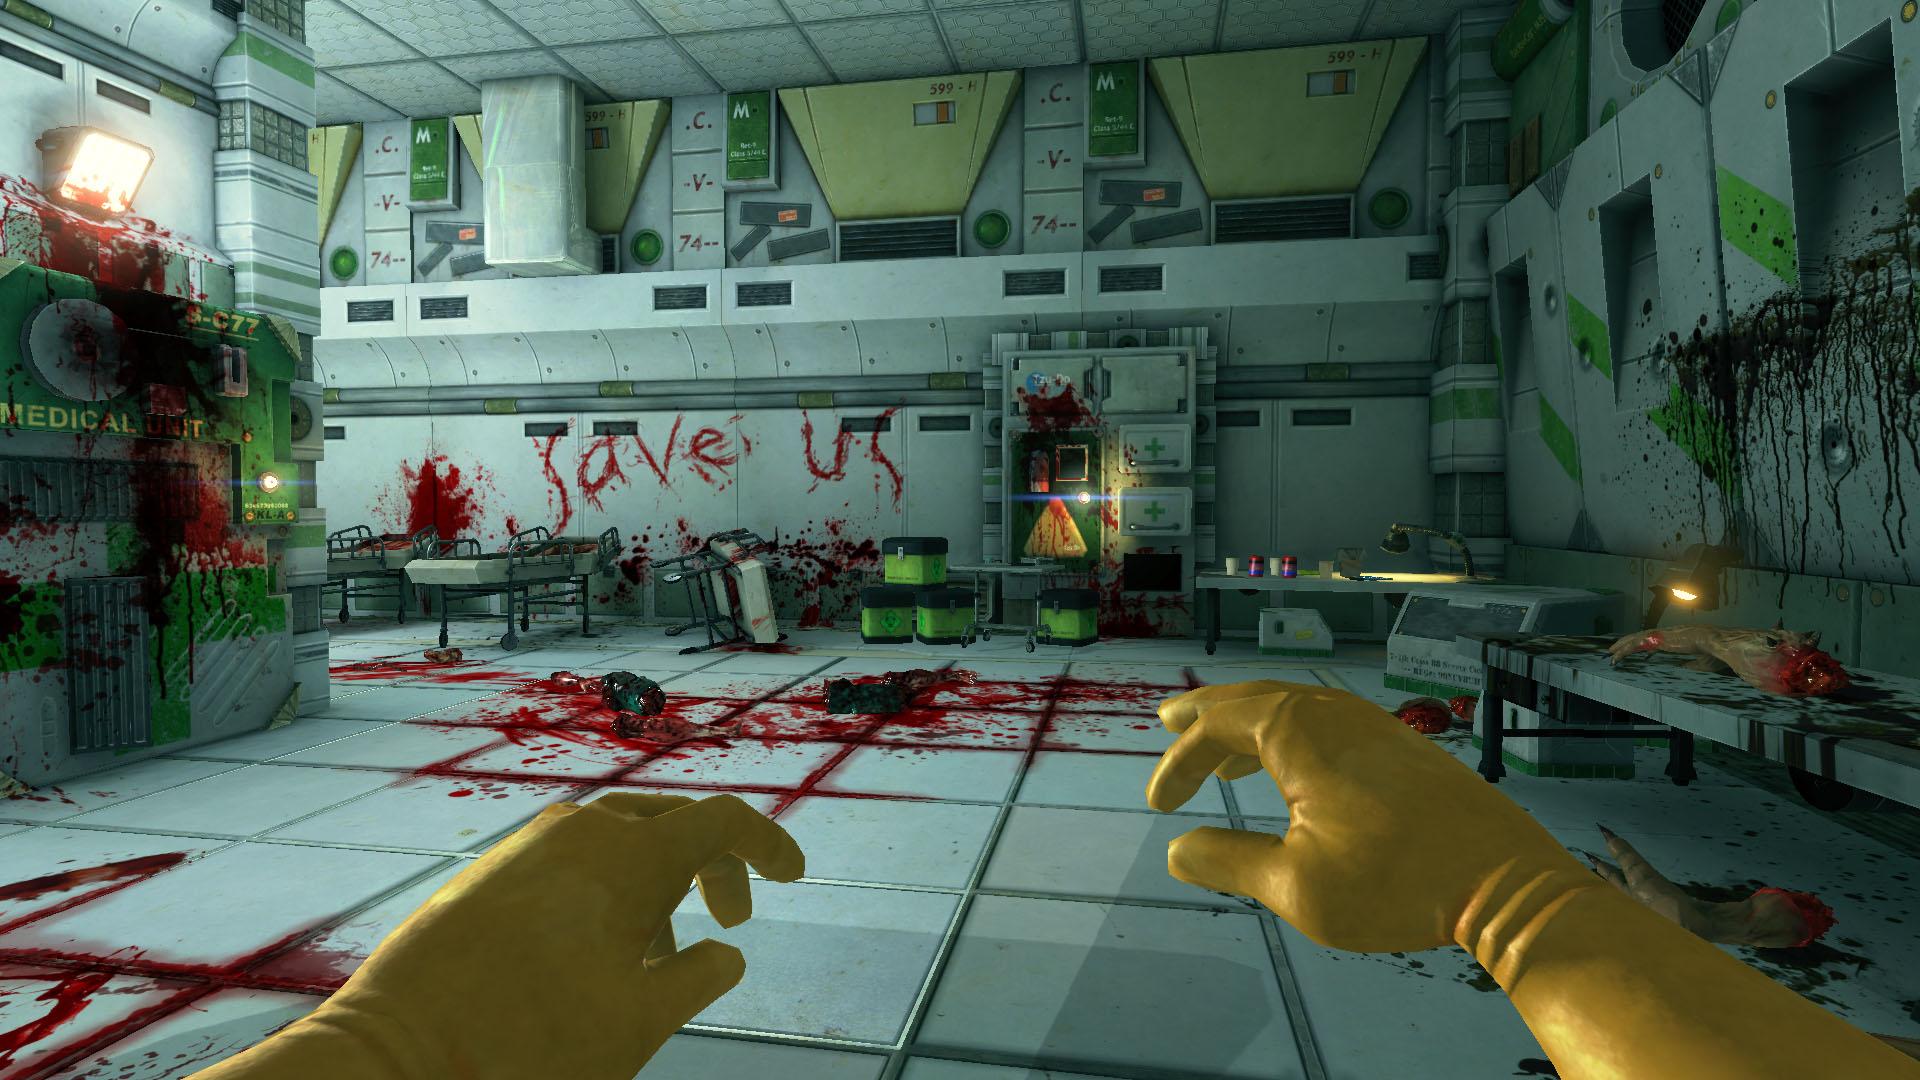 Násilné hry nevyvolávají agresivitu, zjistili odborníci